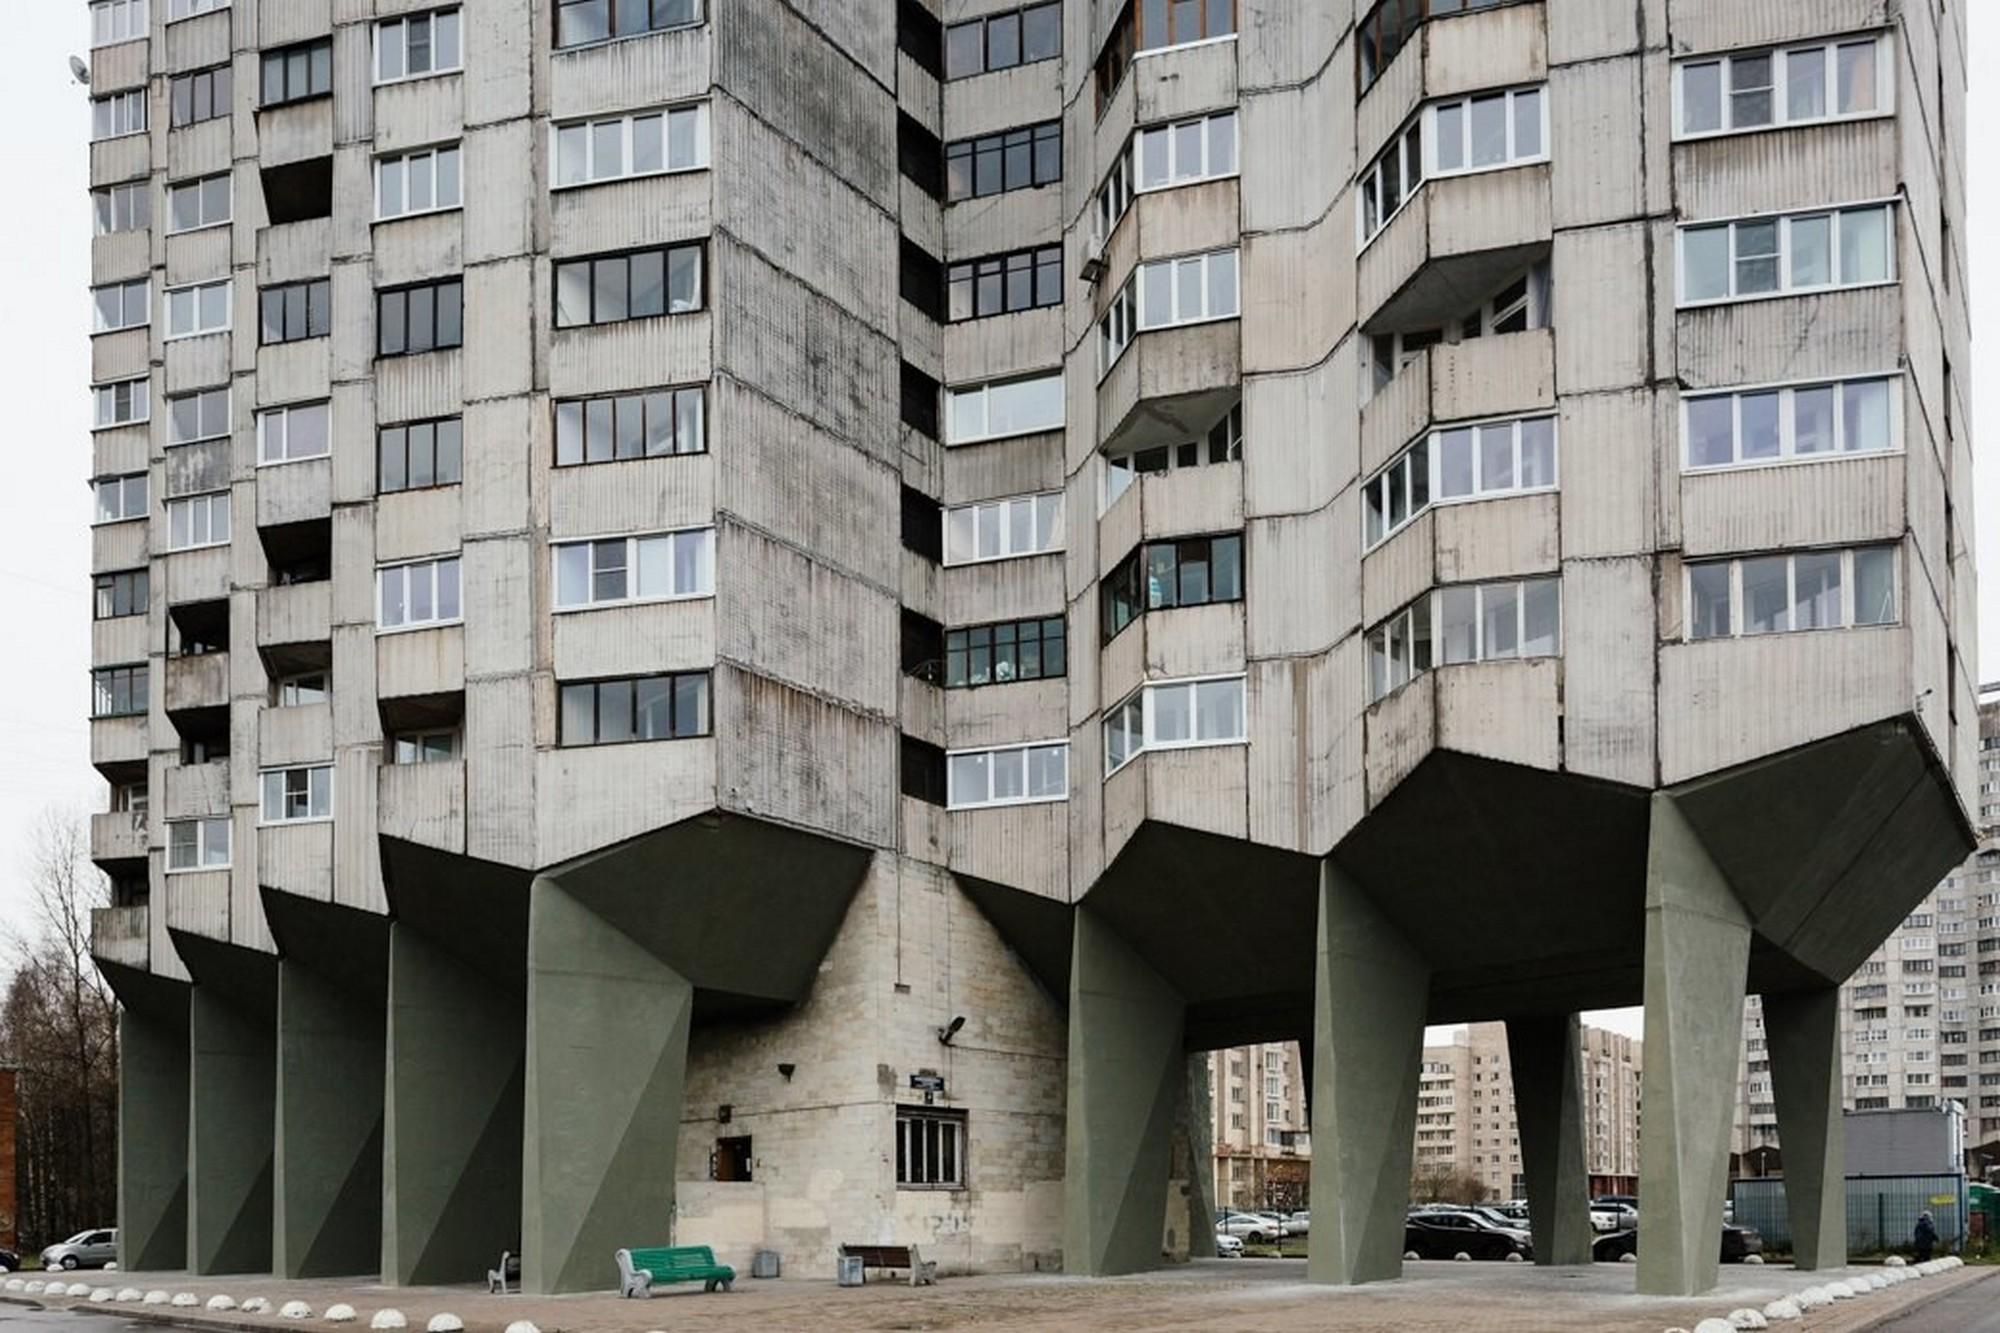 [Рис. 2.] Дом «на курьих ножках» в Санкт-Петербурге на Новосмоленской набережной. Архитектор В. Сохин. 1988